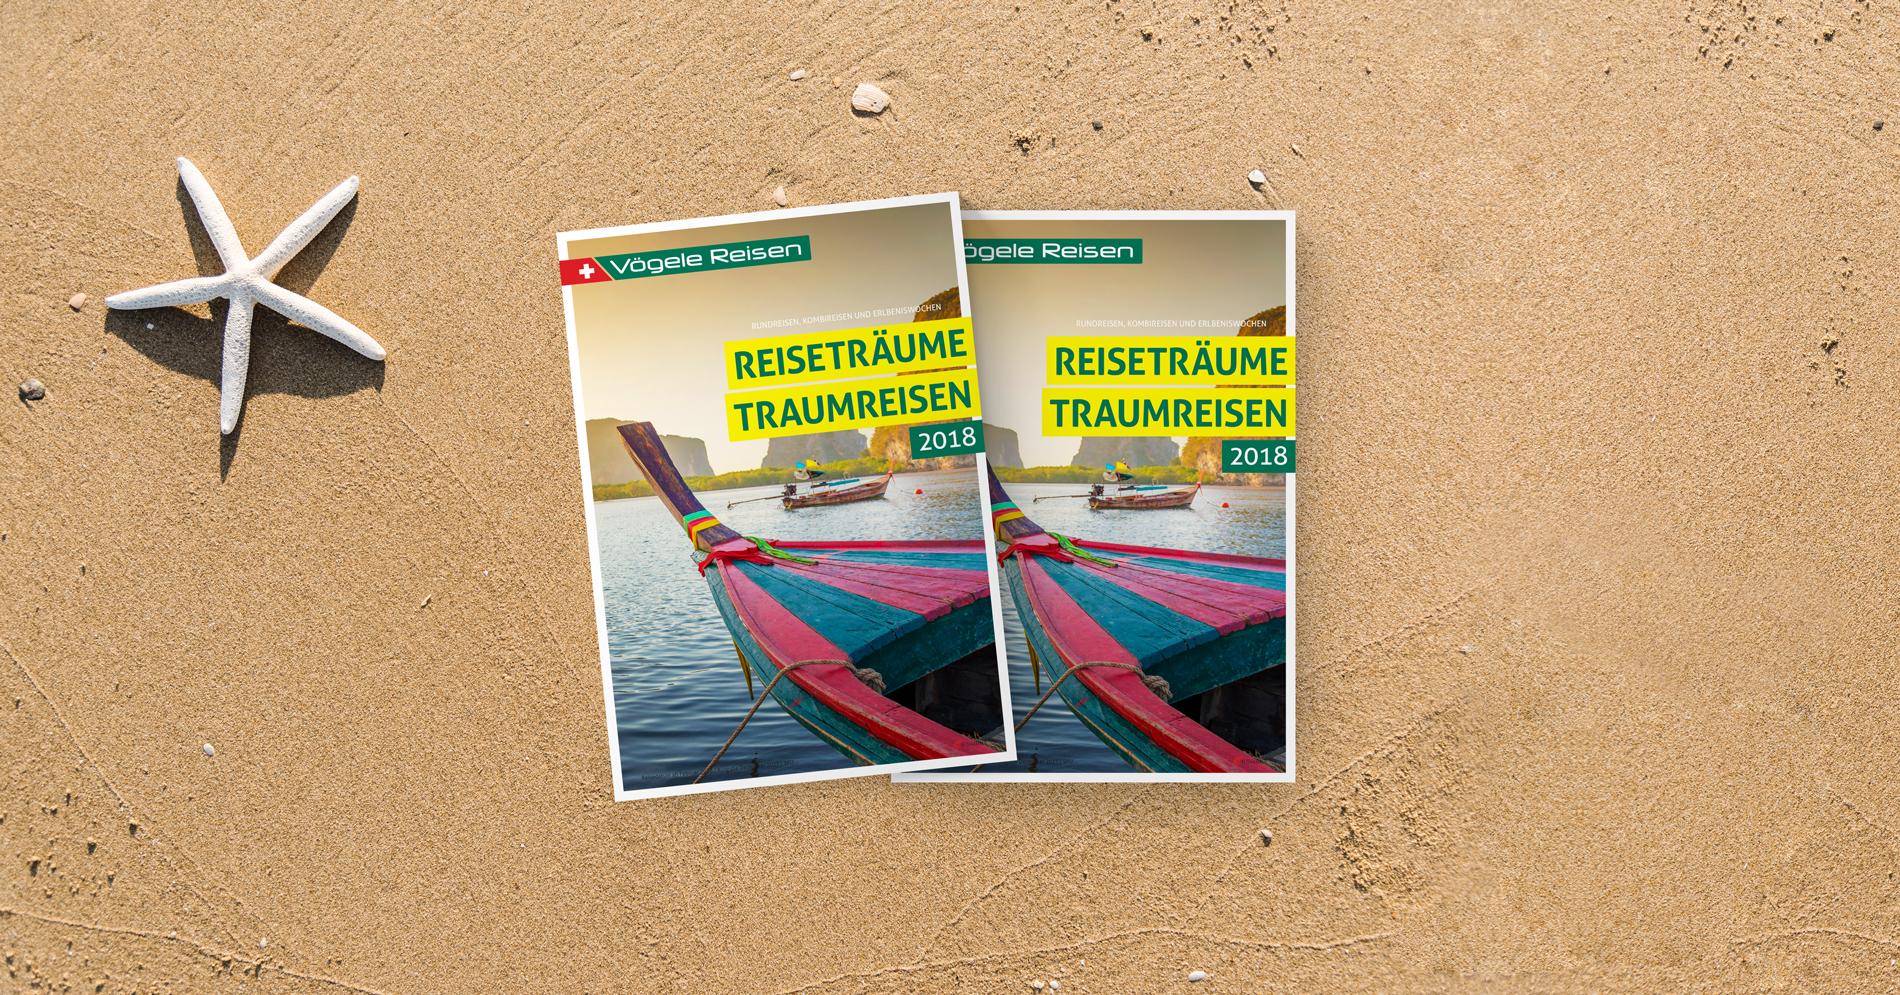 Reisekatalog Corporate Publishing Grafikdesign Konzeption Kommunikation Agentur Zürich